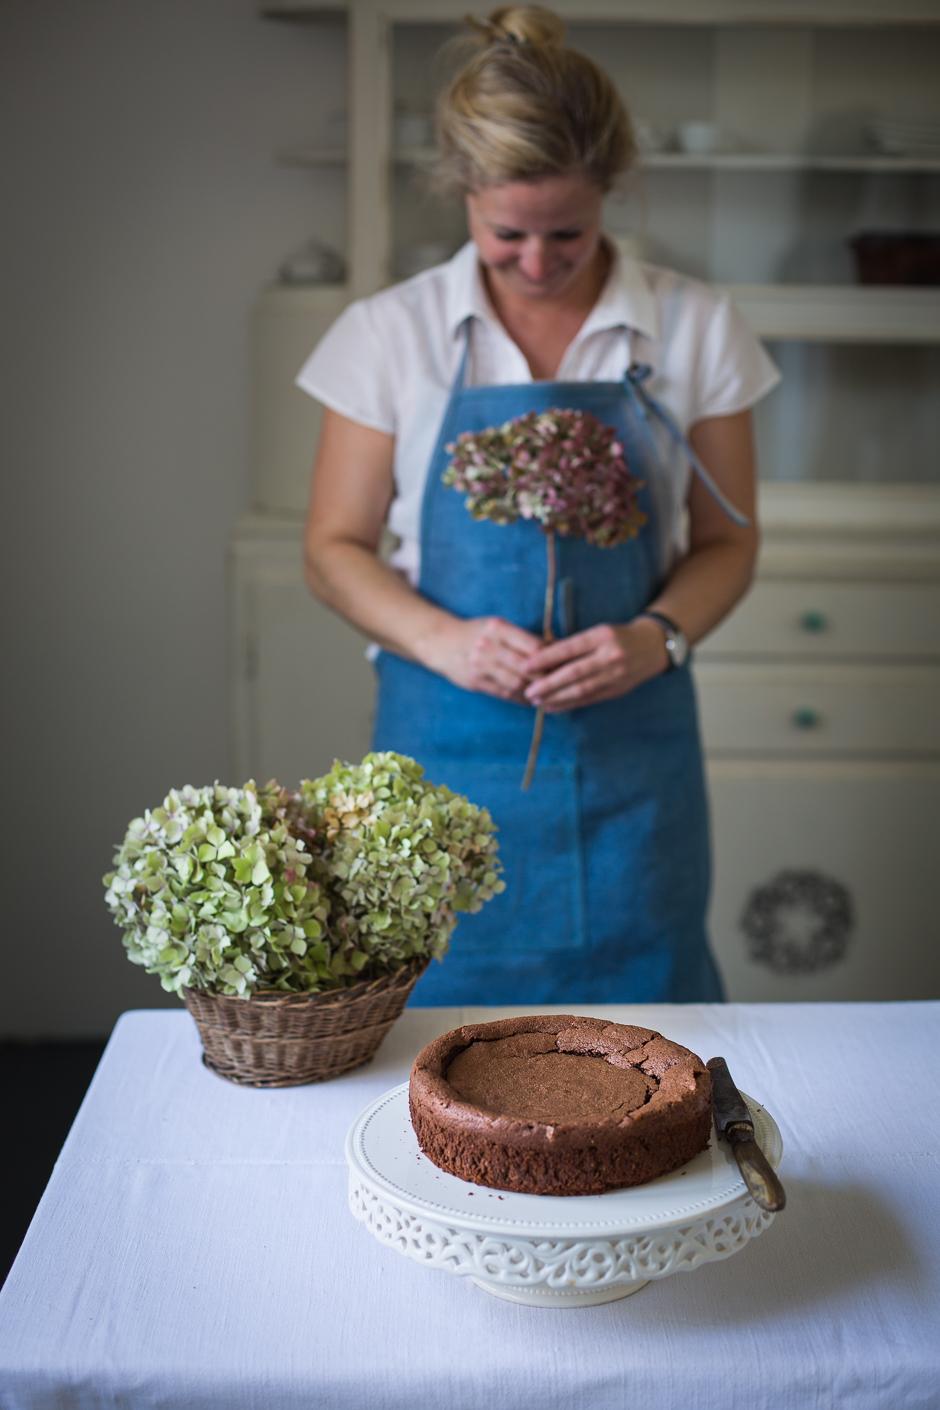 békebeli csokitorta az Emlékek Íze konyhájából www.emlekekize.hu